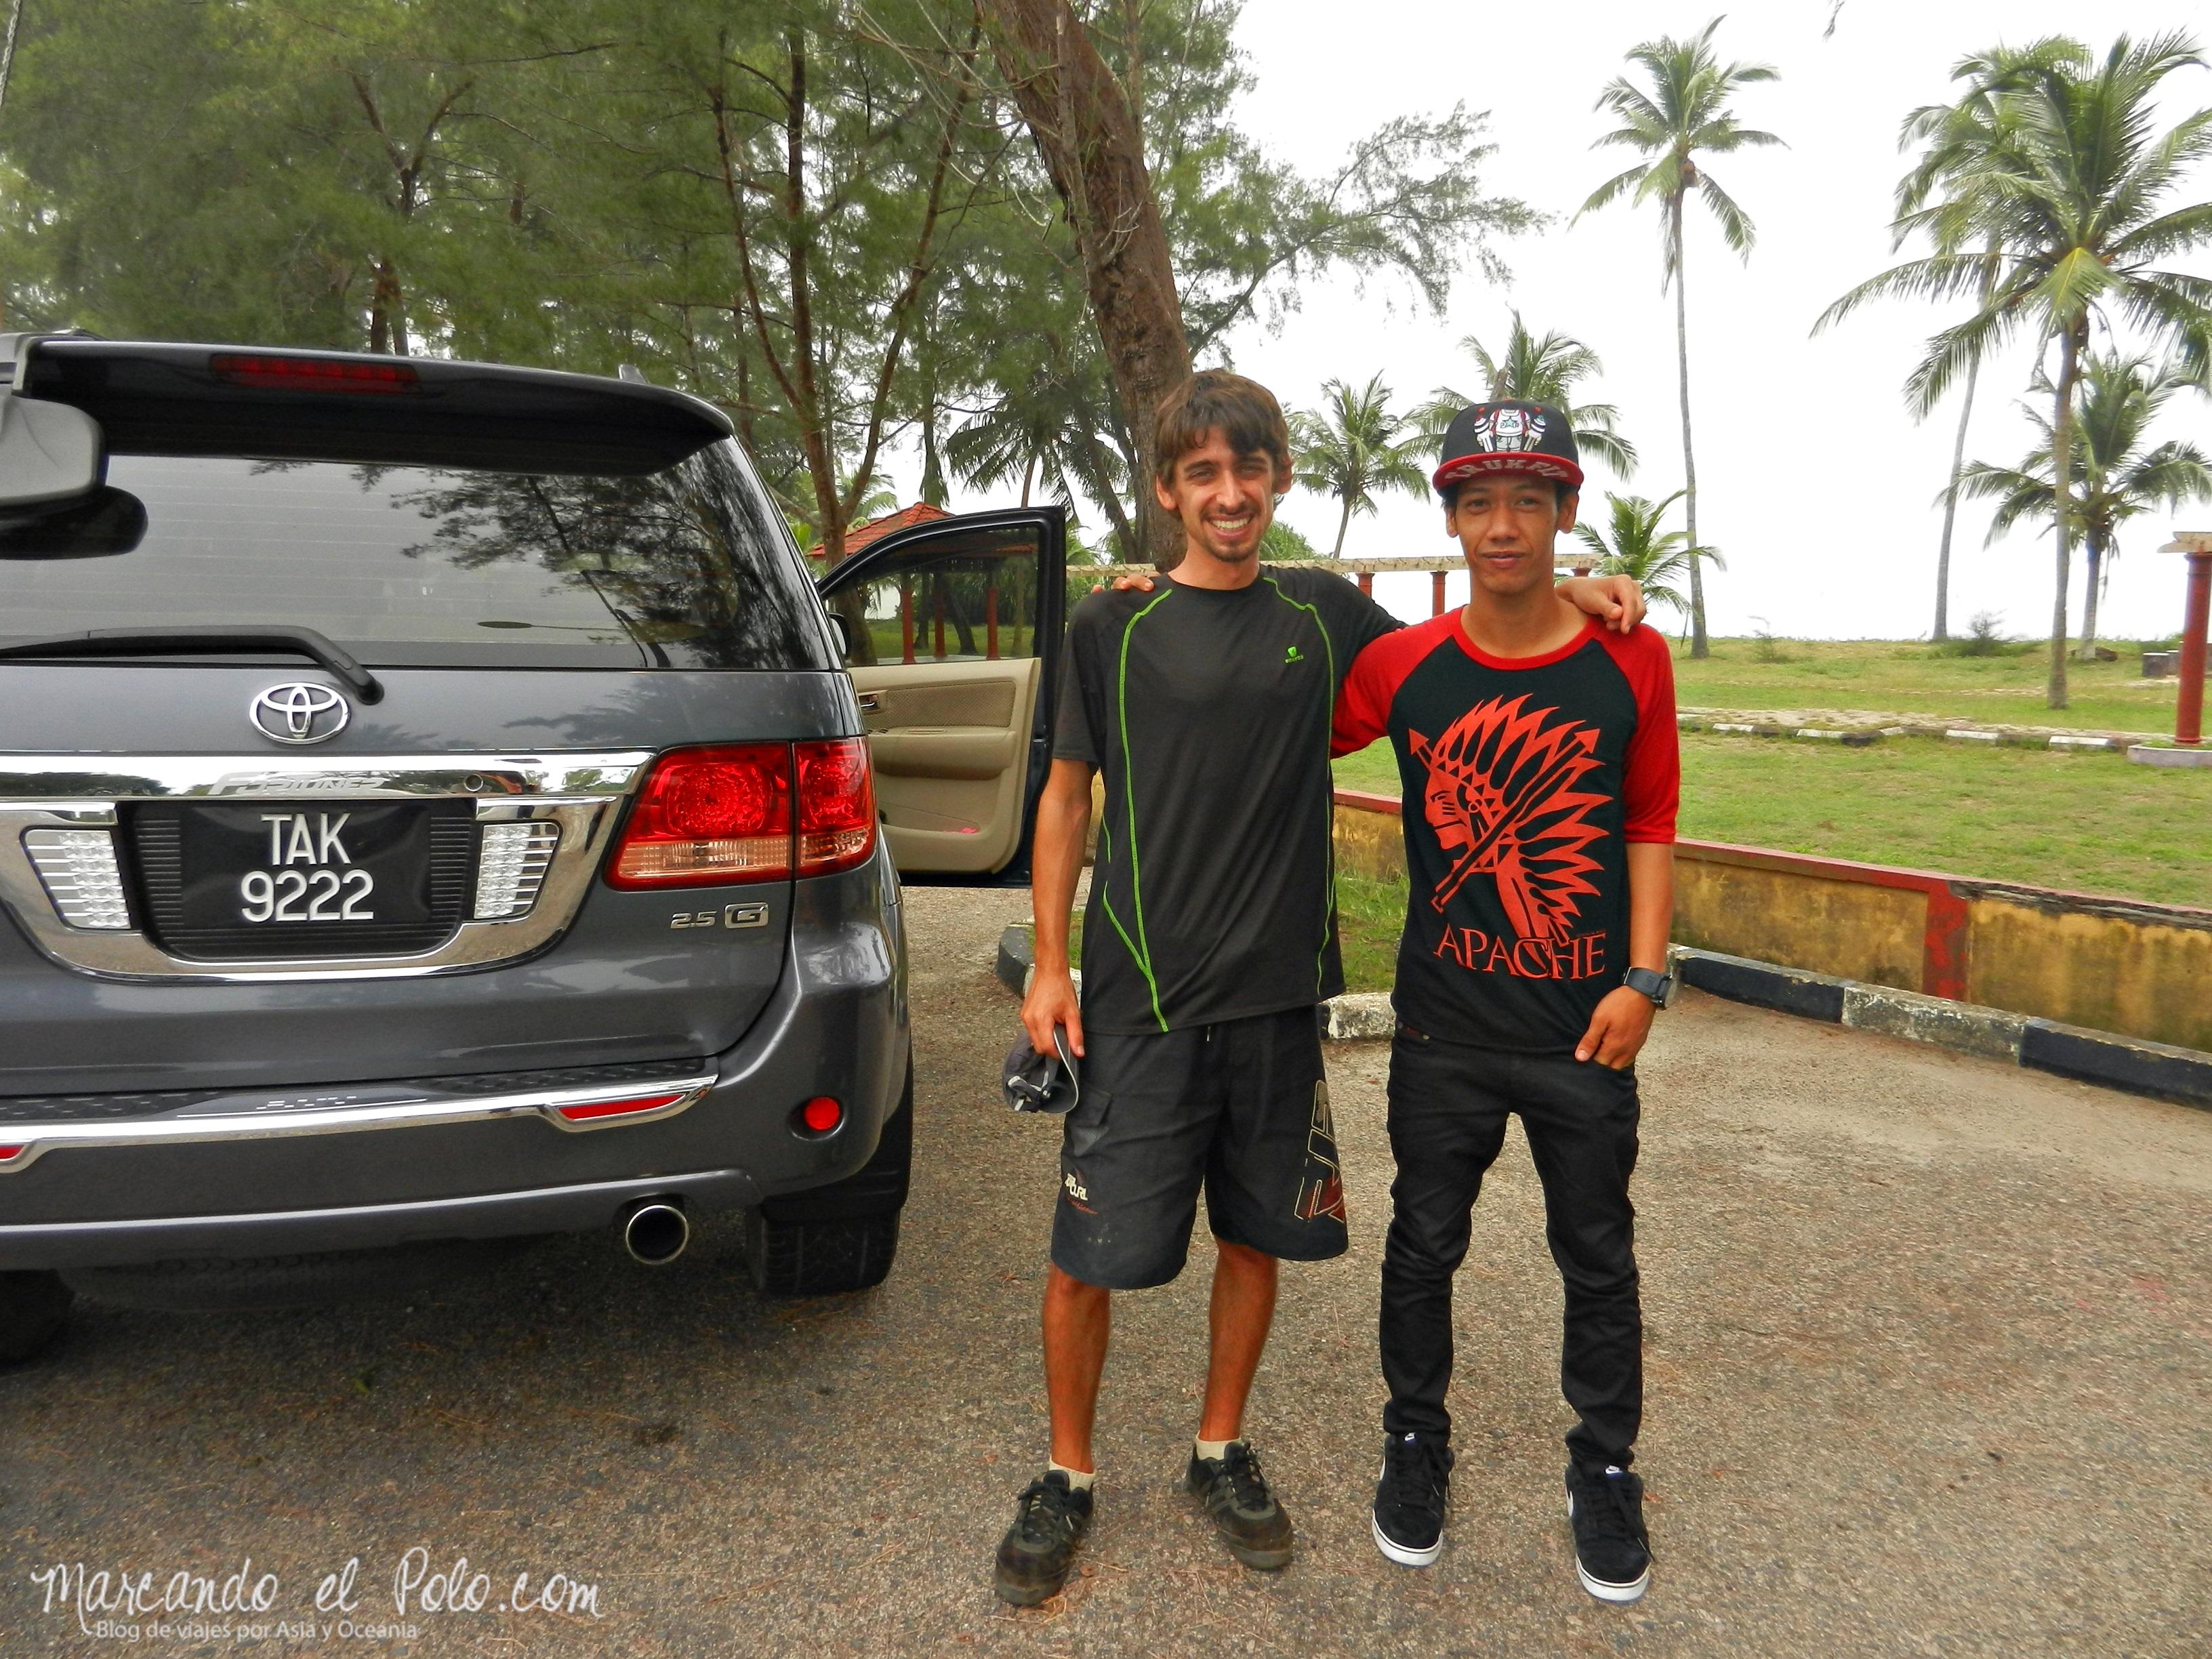 El hijo de un rico empresario de Terenggannu, quien asegura que es campeón internacional de skate.